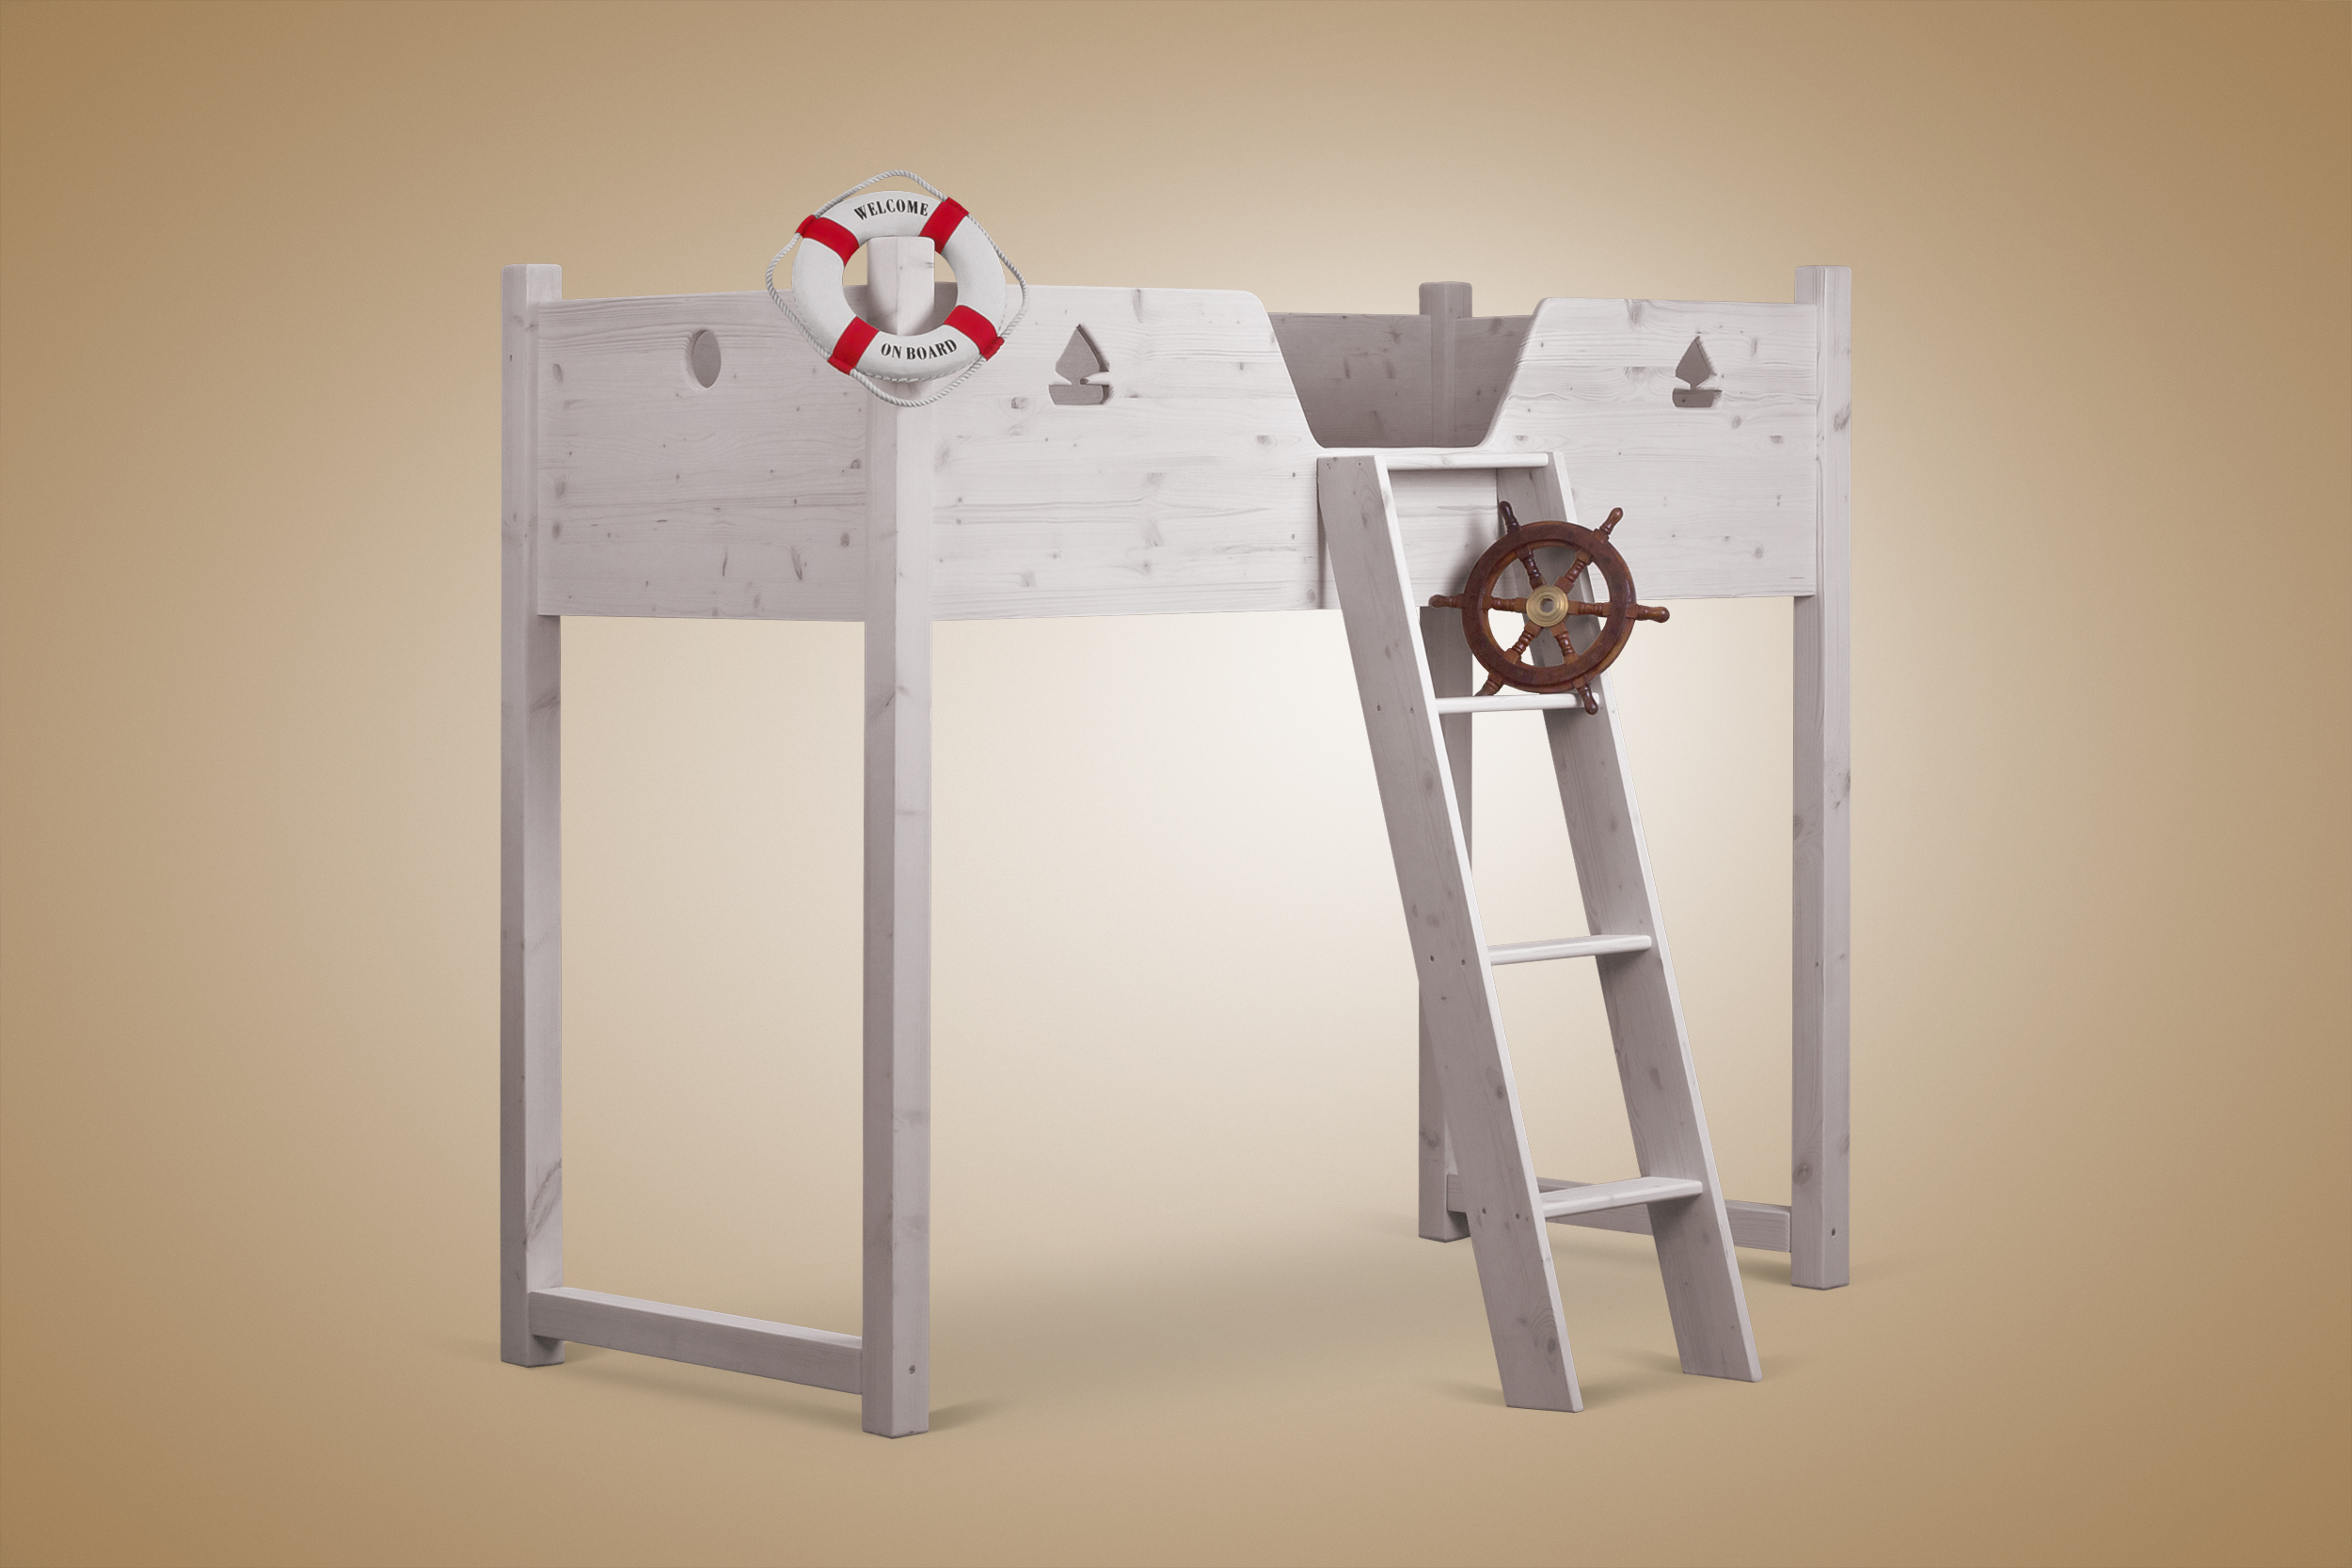 hochbett lauri ein kinderhochbett f r jungen und m dchen. Black Bedroom Furniture Sets. Home Design Ideas